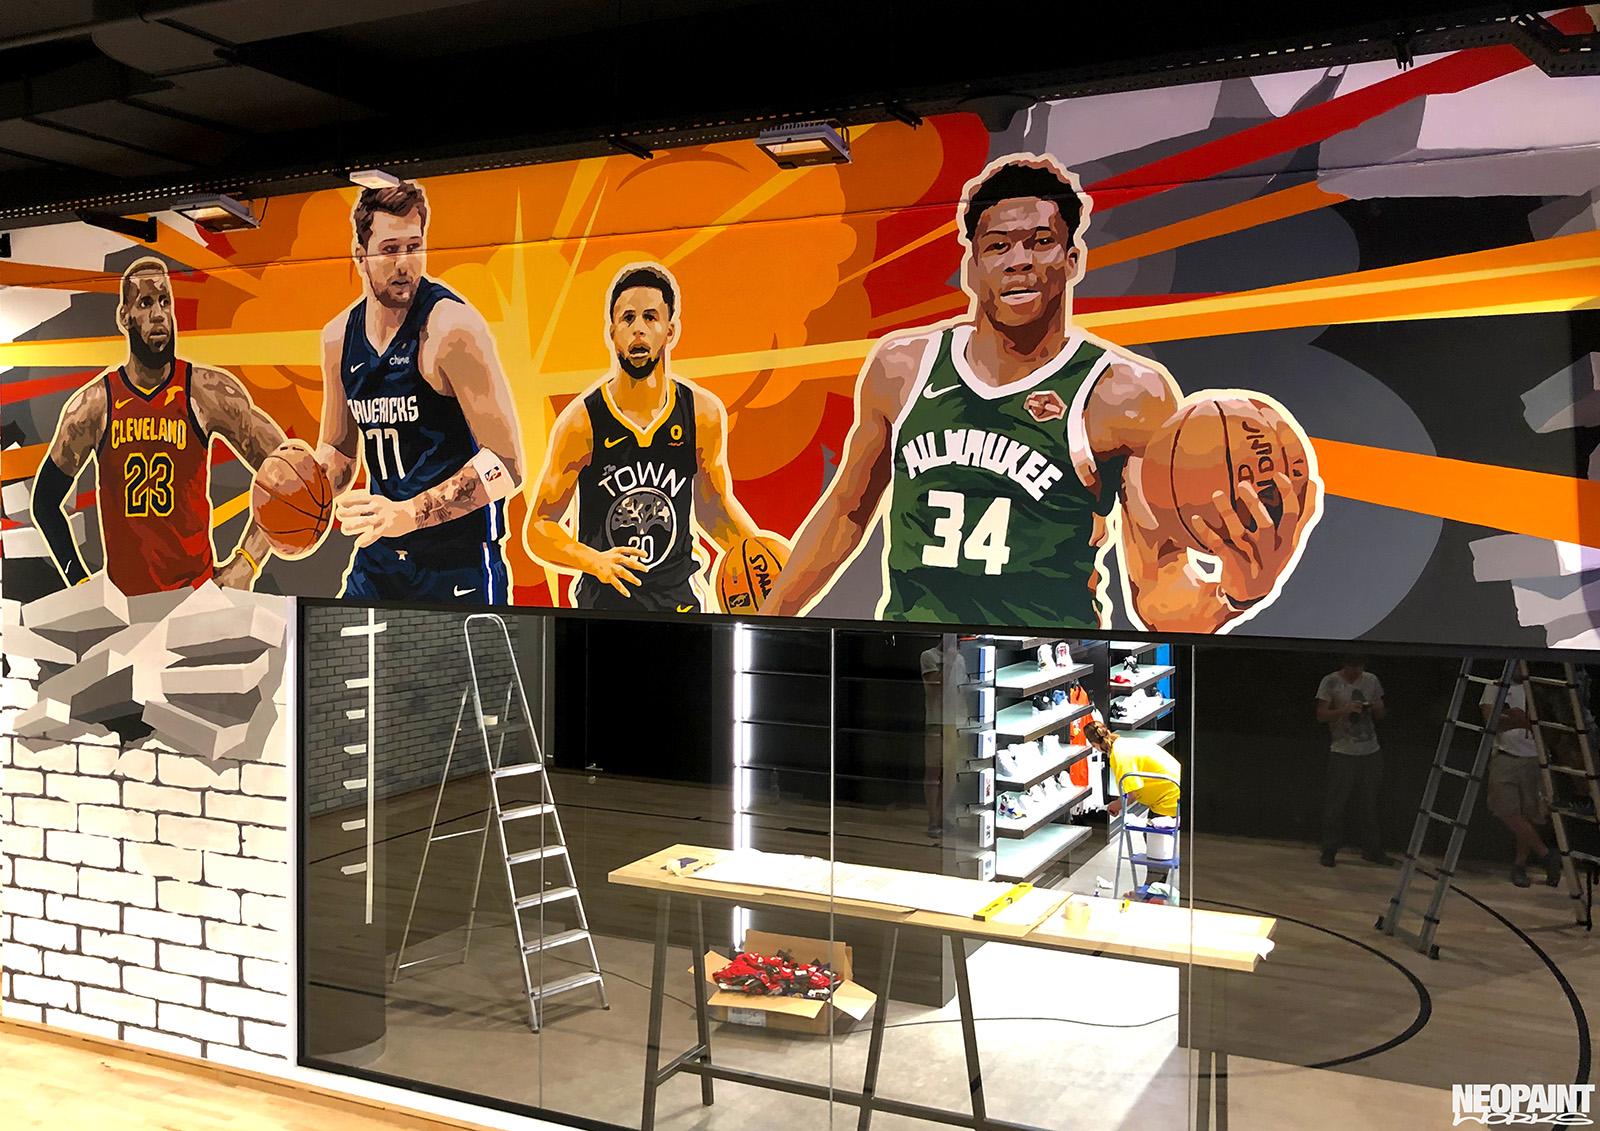 festett faldekoráció - NBA - kosárlabda - freskó - graffiti - neopaint works